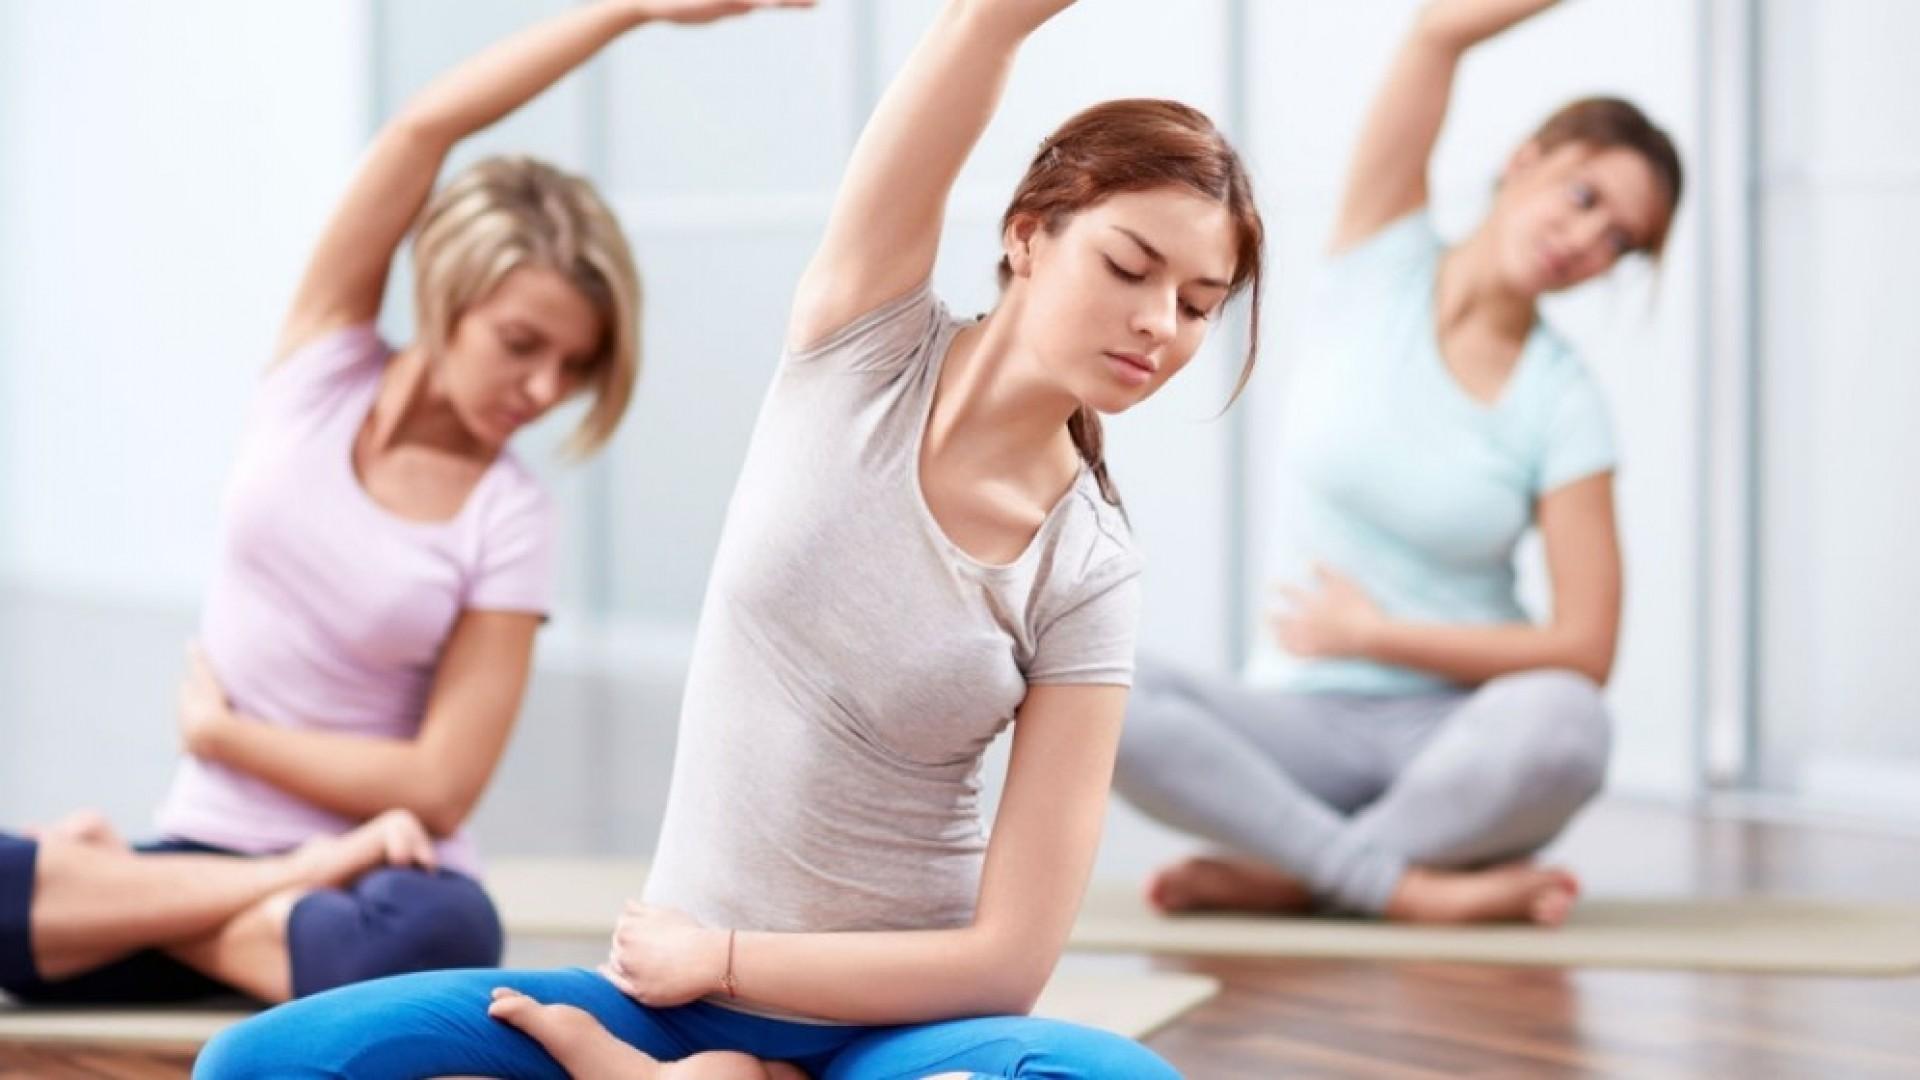 Уроки йоги: 5 простых первых асан